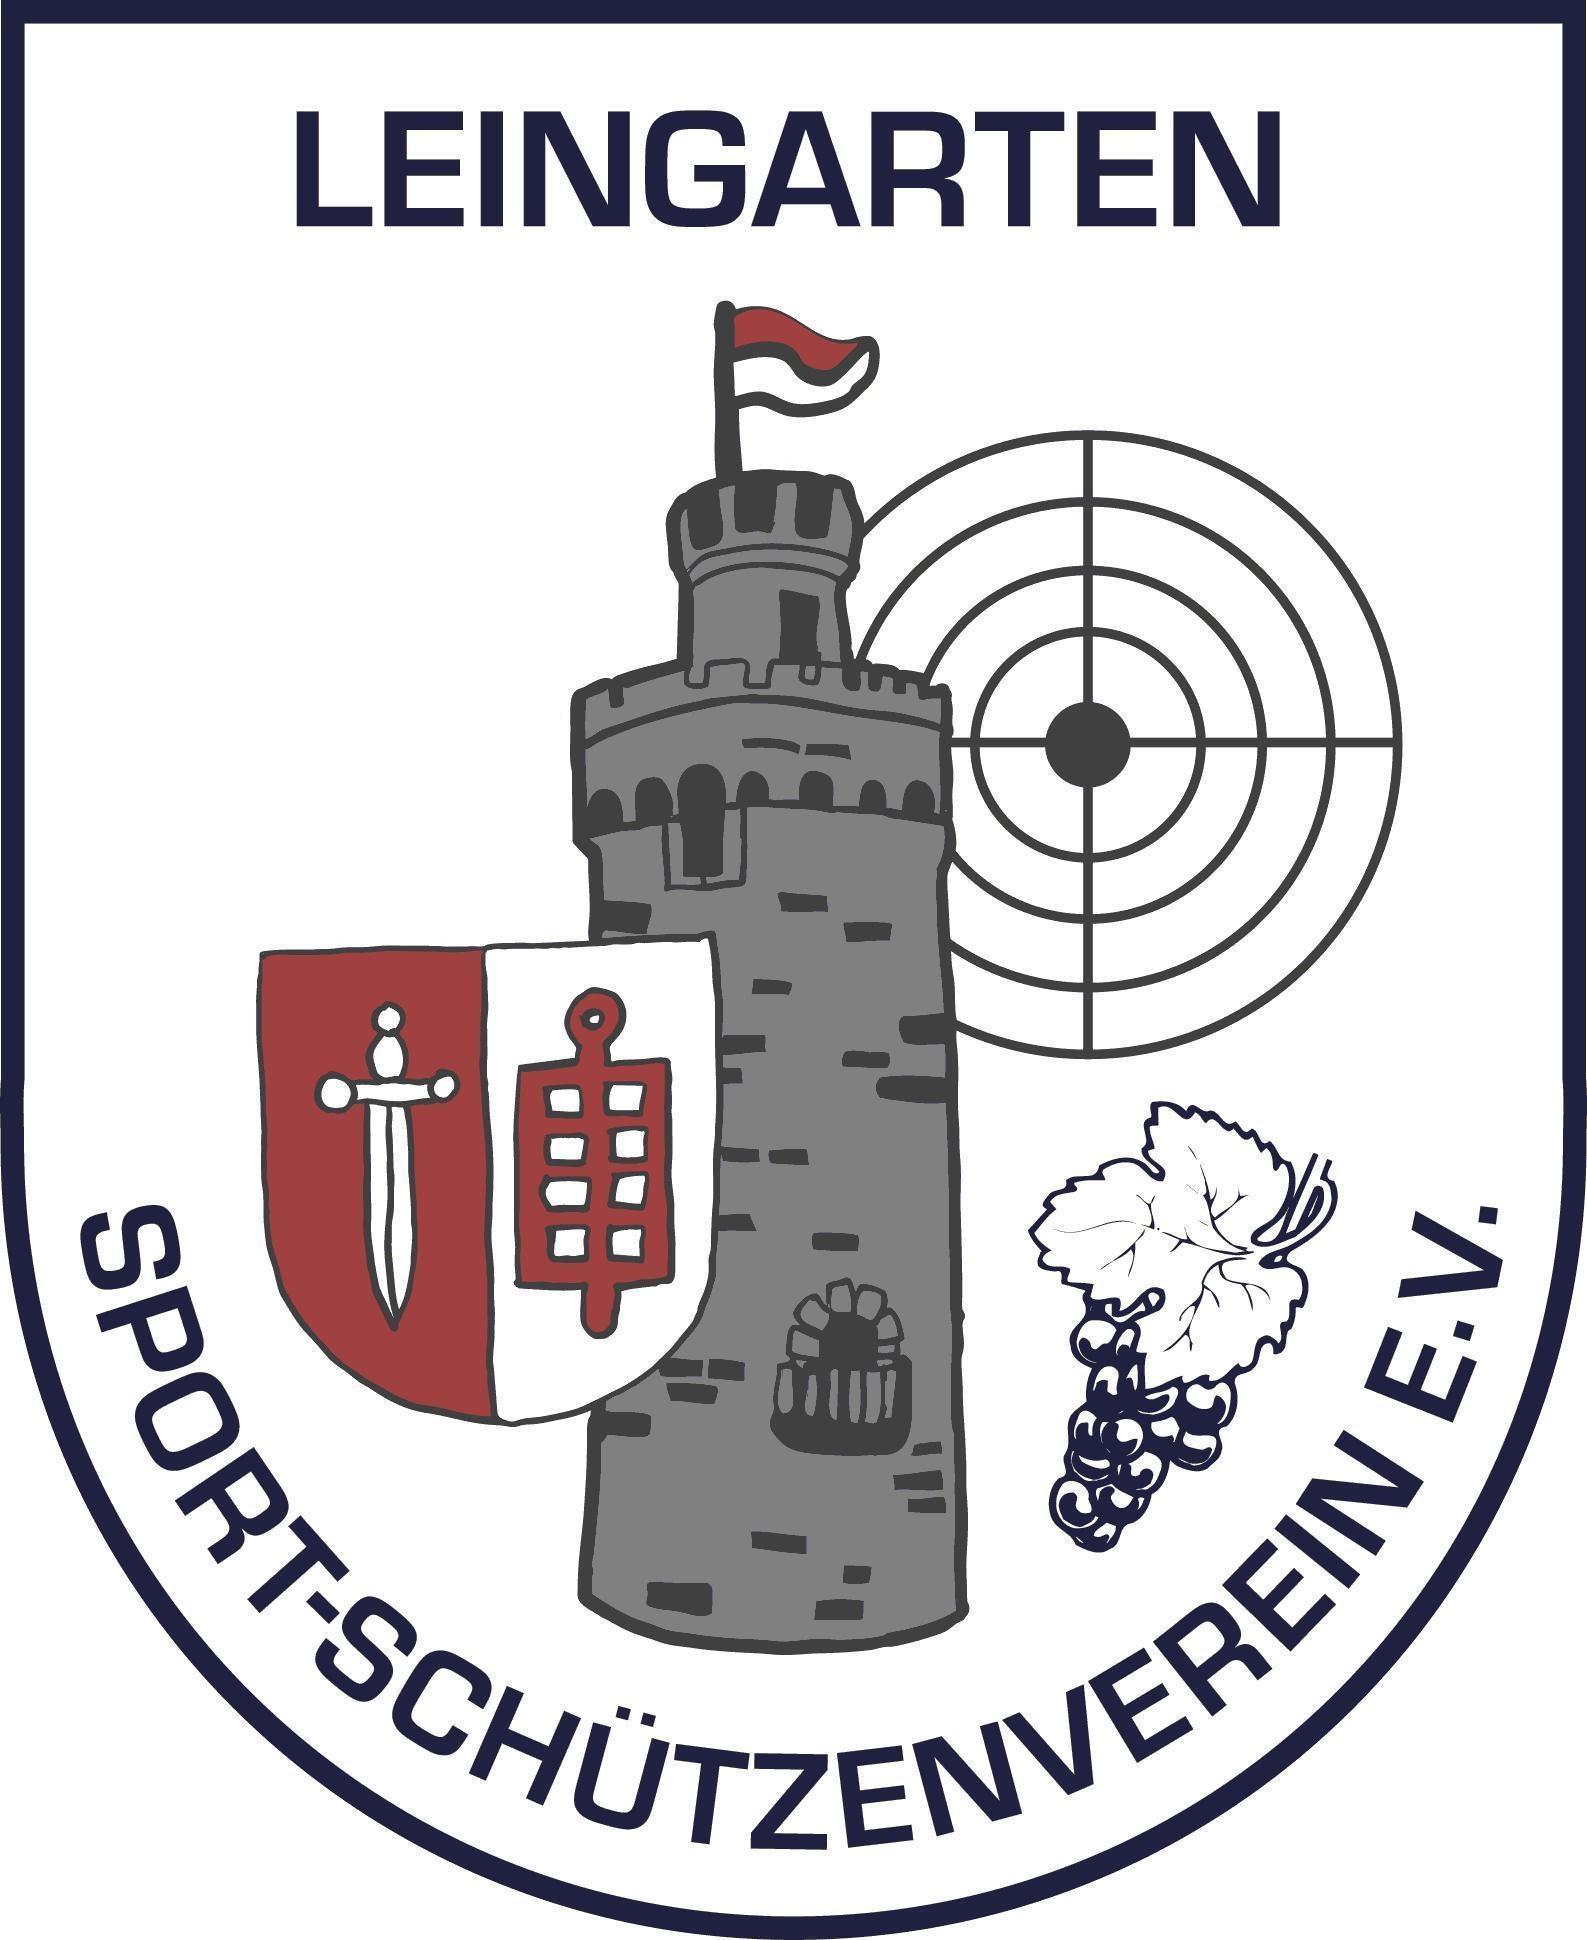 Schießsport in Leingarten bei Heilbronn Logo